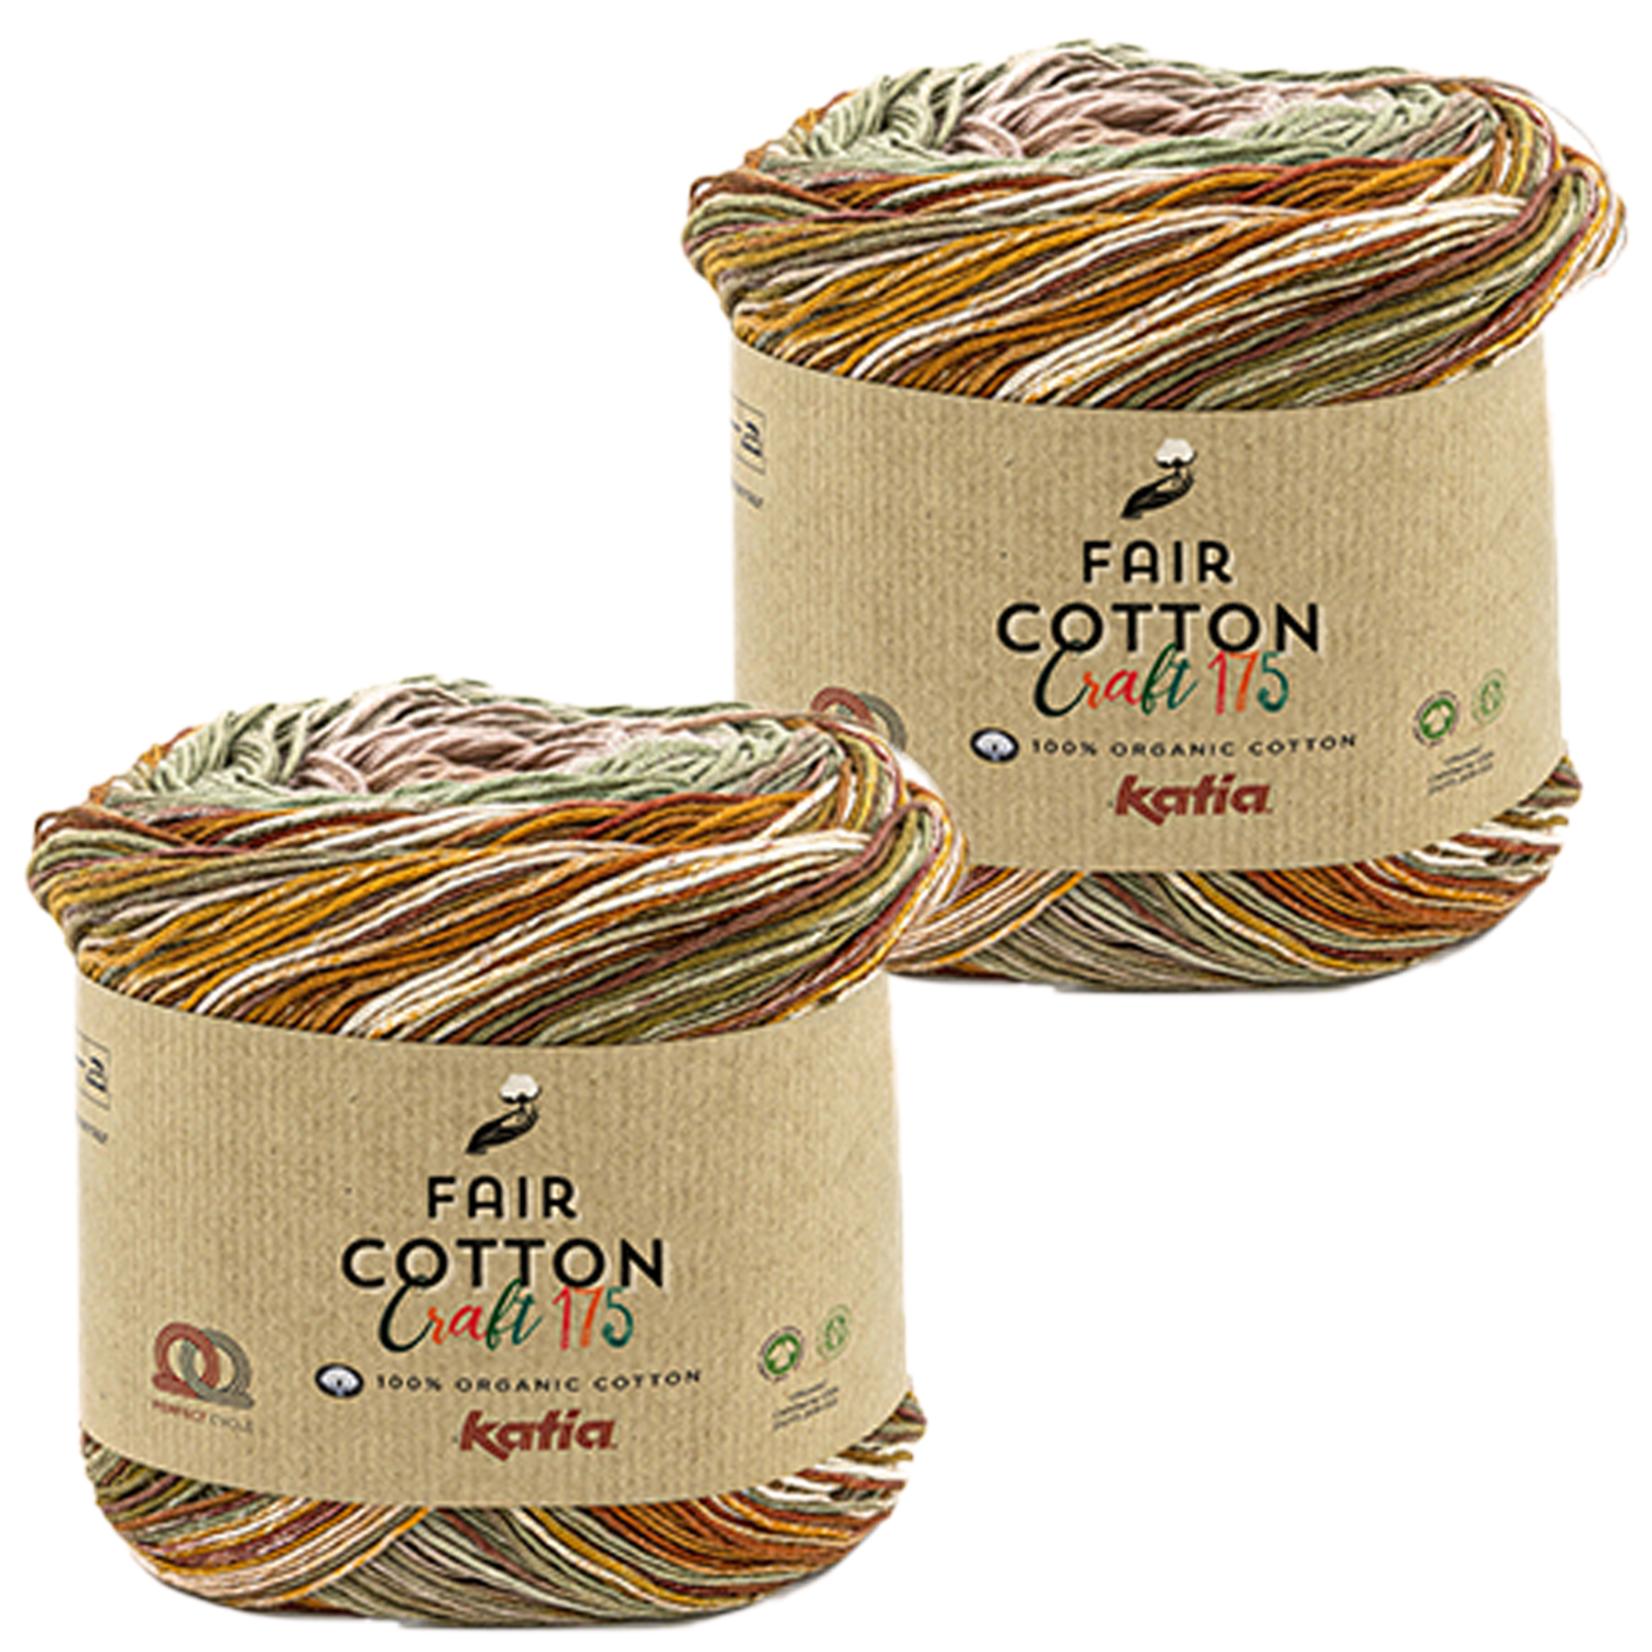 Katia Katia Fair Cotton Craft verloopgaren Kleur 800 - bundel 2 bollen x175 gr.